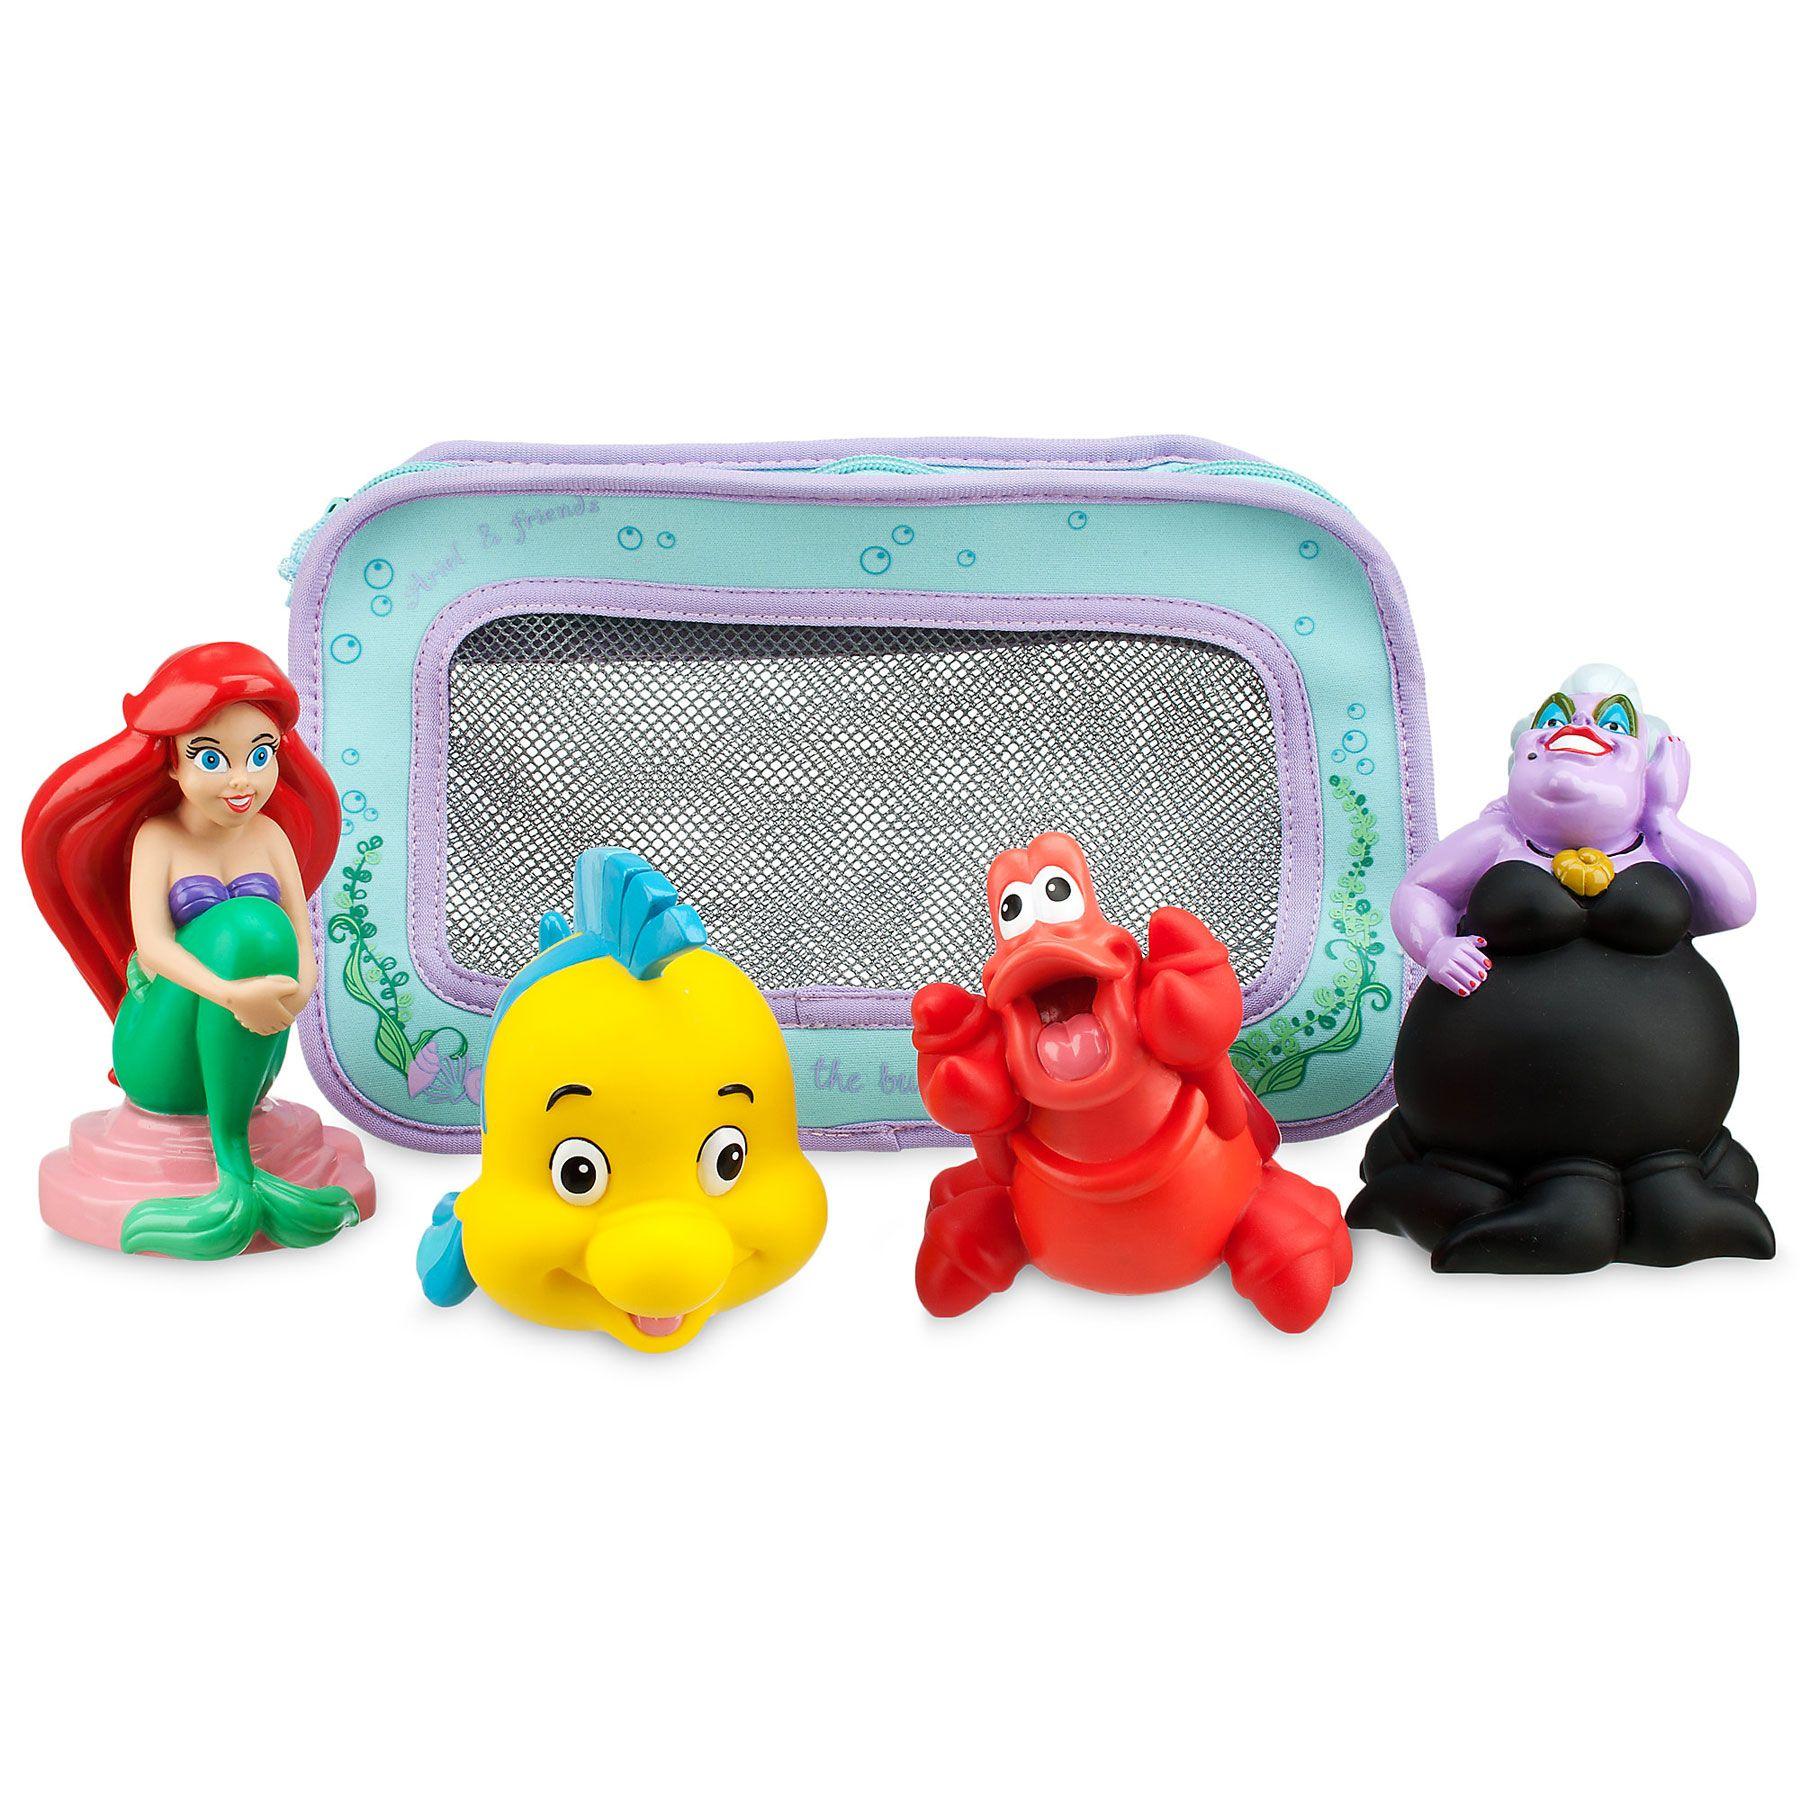 Ariel Bath Toys for Baby | Bath toys, Ariel and Bath